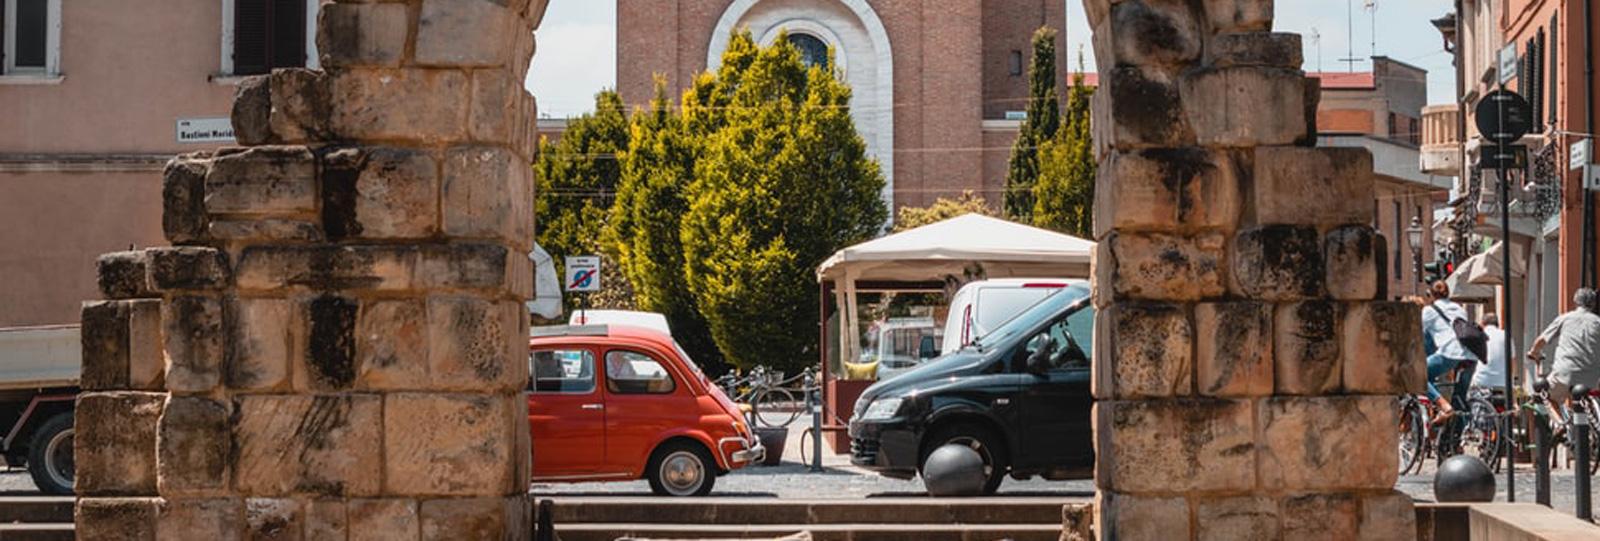 Итальянская новинка: Римини от ANEX Tour